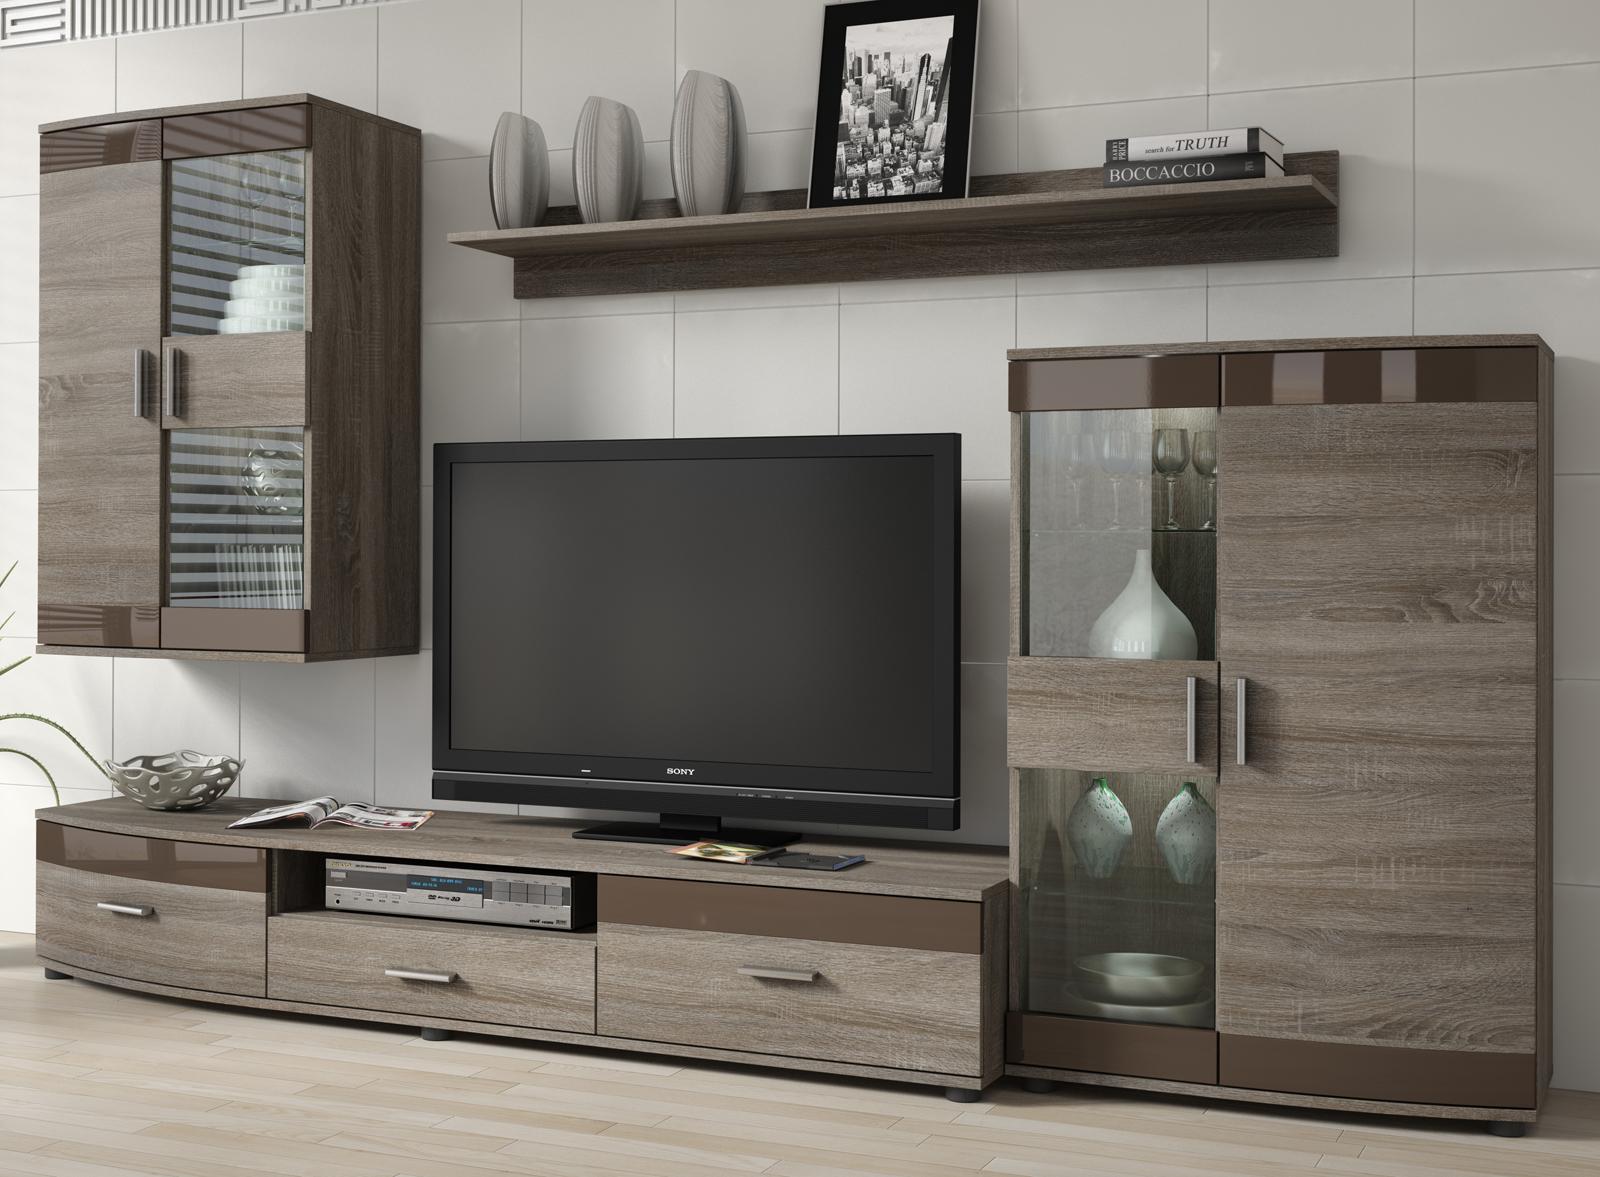 Obývacia stena - Famm - Siena P6SCSI (sonoma trufflova + hnedá) (s osvetlením). Akcia -9%. Sme autorizovaný predajca Famm. Vlastná spoľahlivá doprava až k Vám domov.